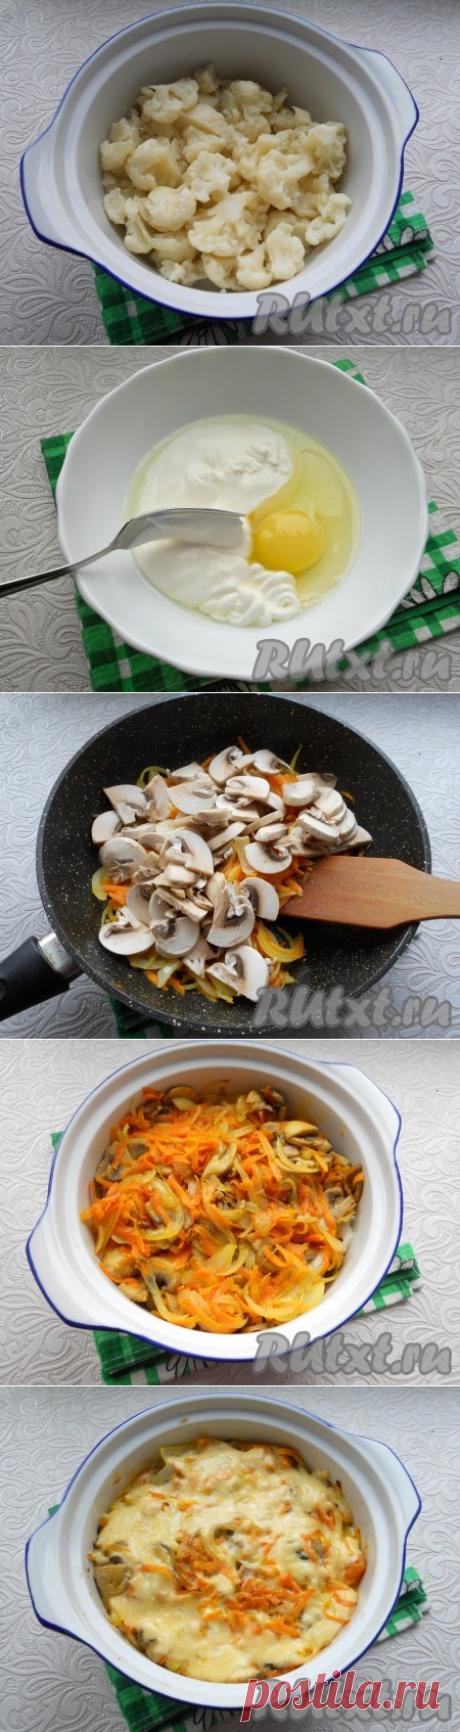 Цветная капуста с грибами в духовке  =цветная капуста - 500 г; яйцо куриное сырое - 1 шт.; грибы (шампиньоны) - 150 г; растительное масло - 3-4 ст. л.; лук репчатый - 1 шт.; морковь (небольшая) - 1 шт.; сметана 15-20% - 150-200 г; сыр твердый - 3 ст. л.; соль - по вкусу; зелень для подачи.